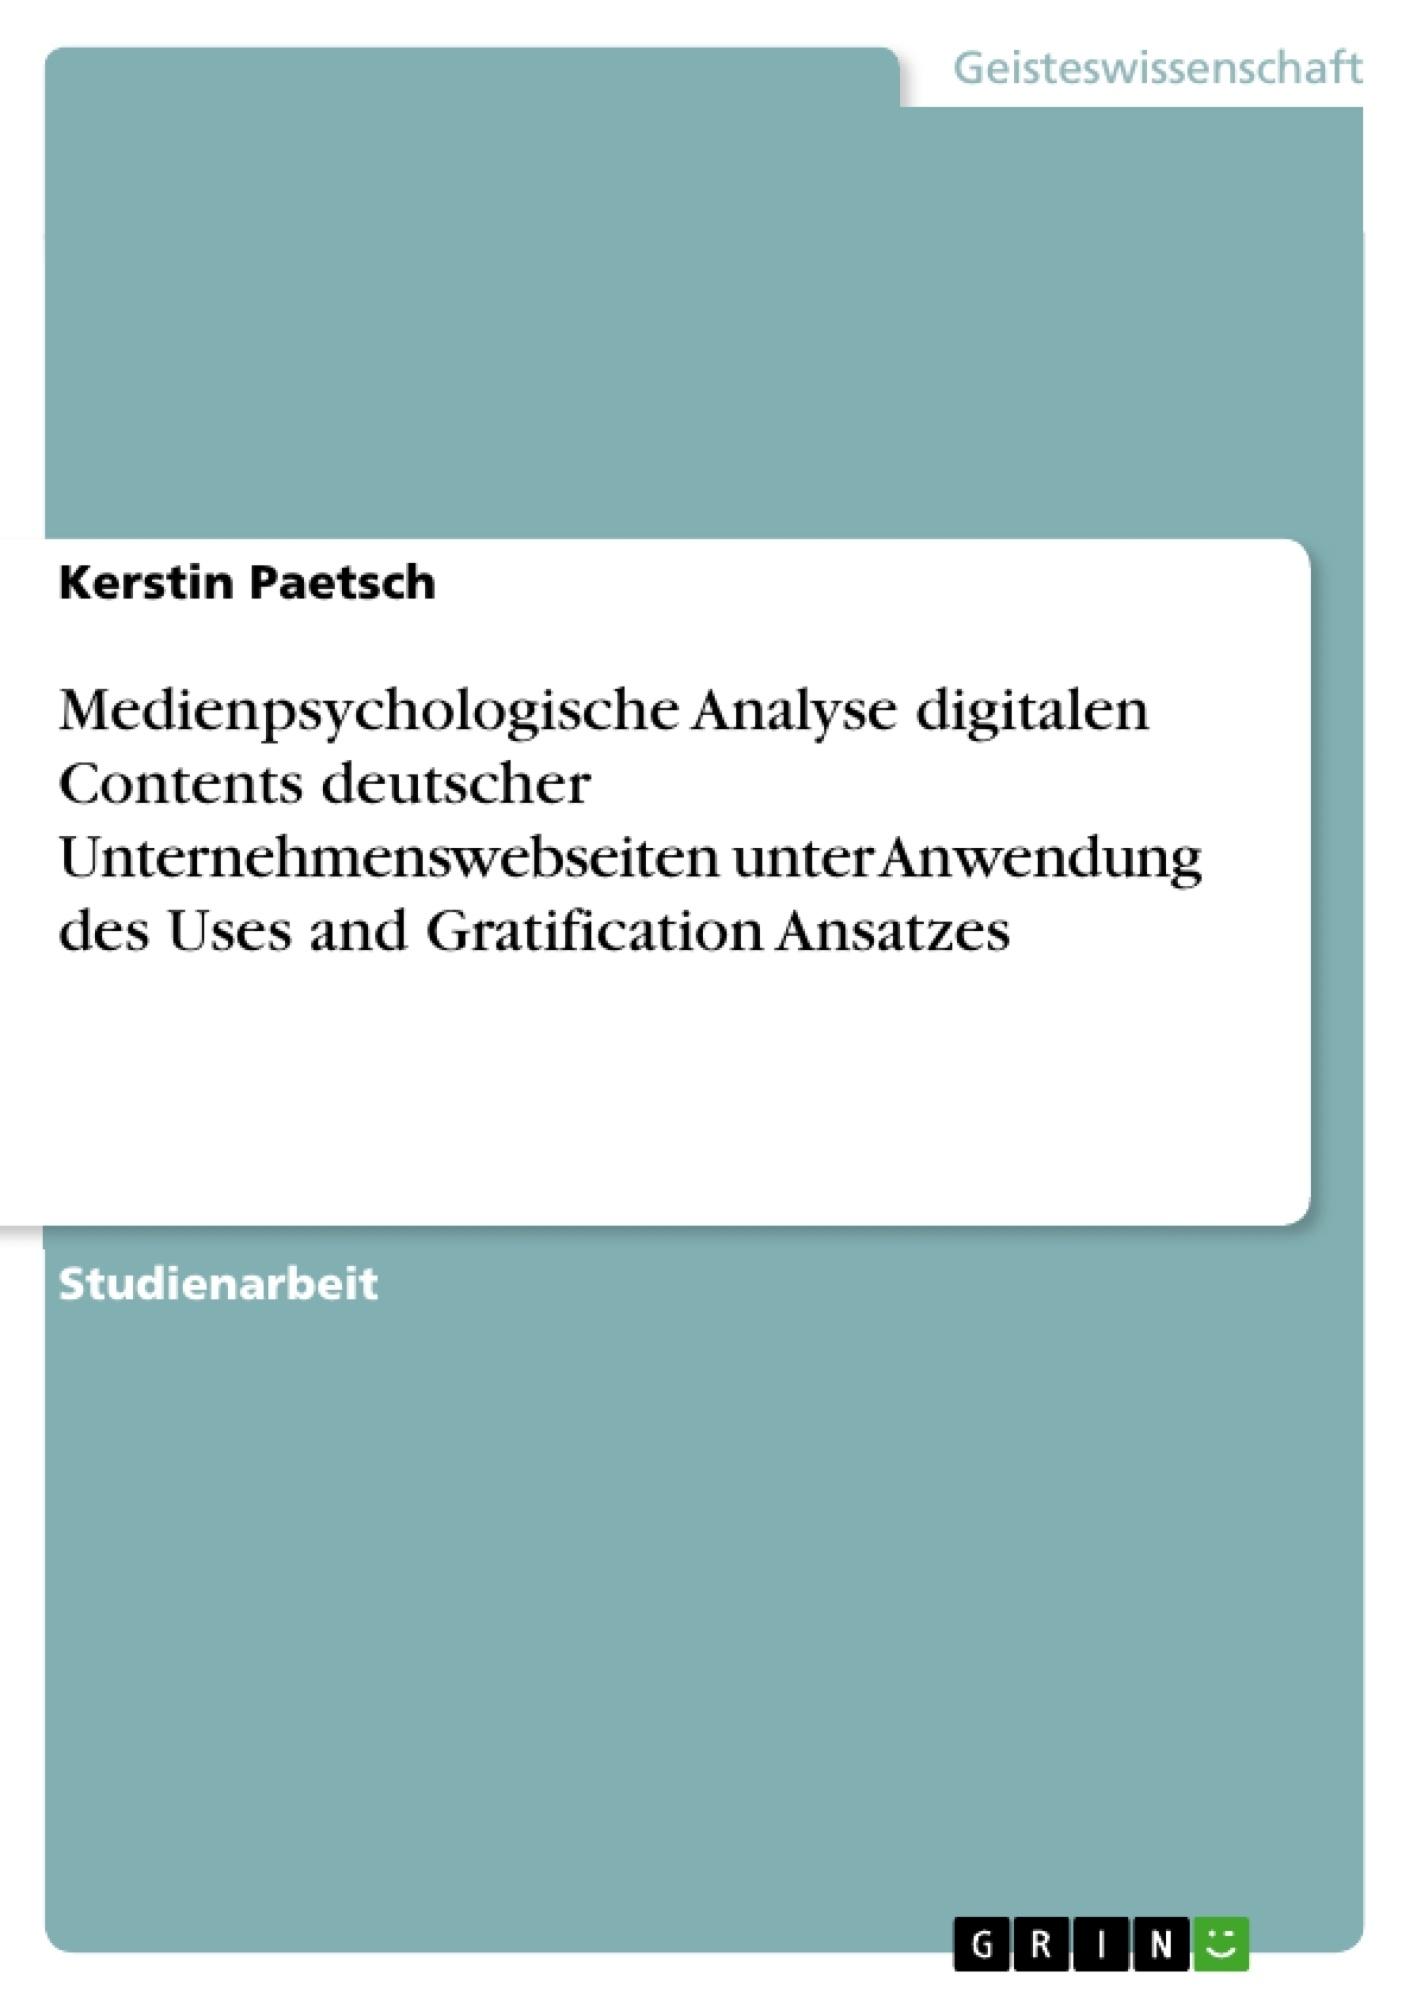 Titel: Medienpsychologische Analyse digitalen Contents deutscher Unternehmenswebseiten unter Anwendung des Uses and Gratification Ansatzes